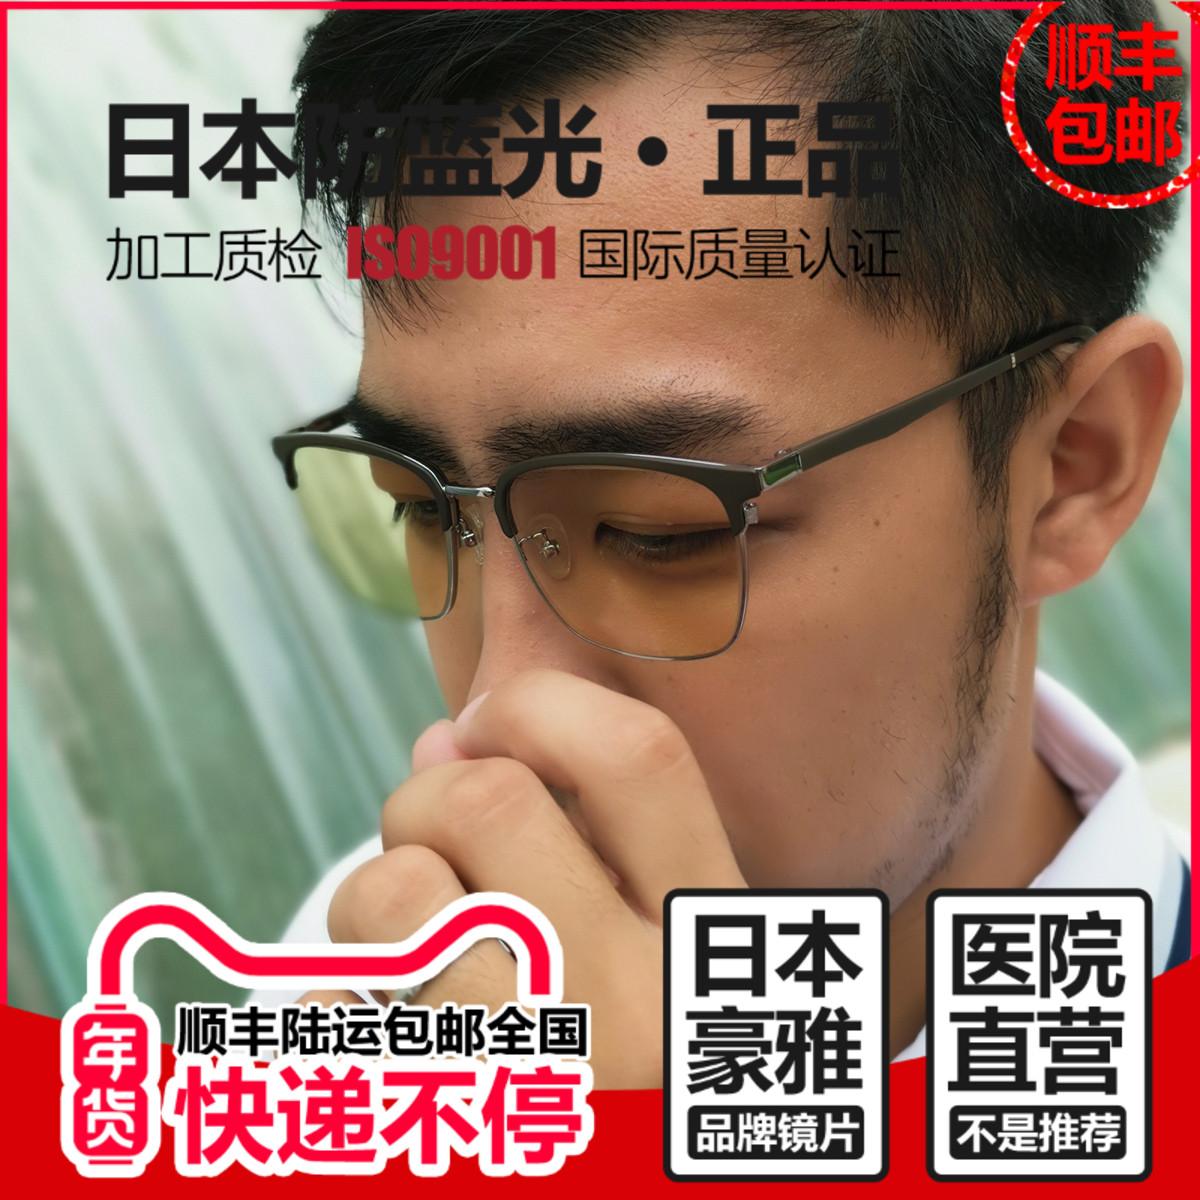 2019防蓝光眼镜男款防紫外线辐射护目镜电脑手机游戏疲劳护眼专用